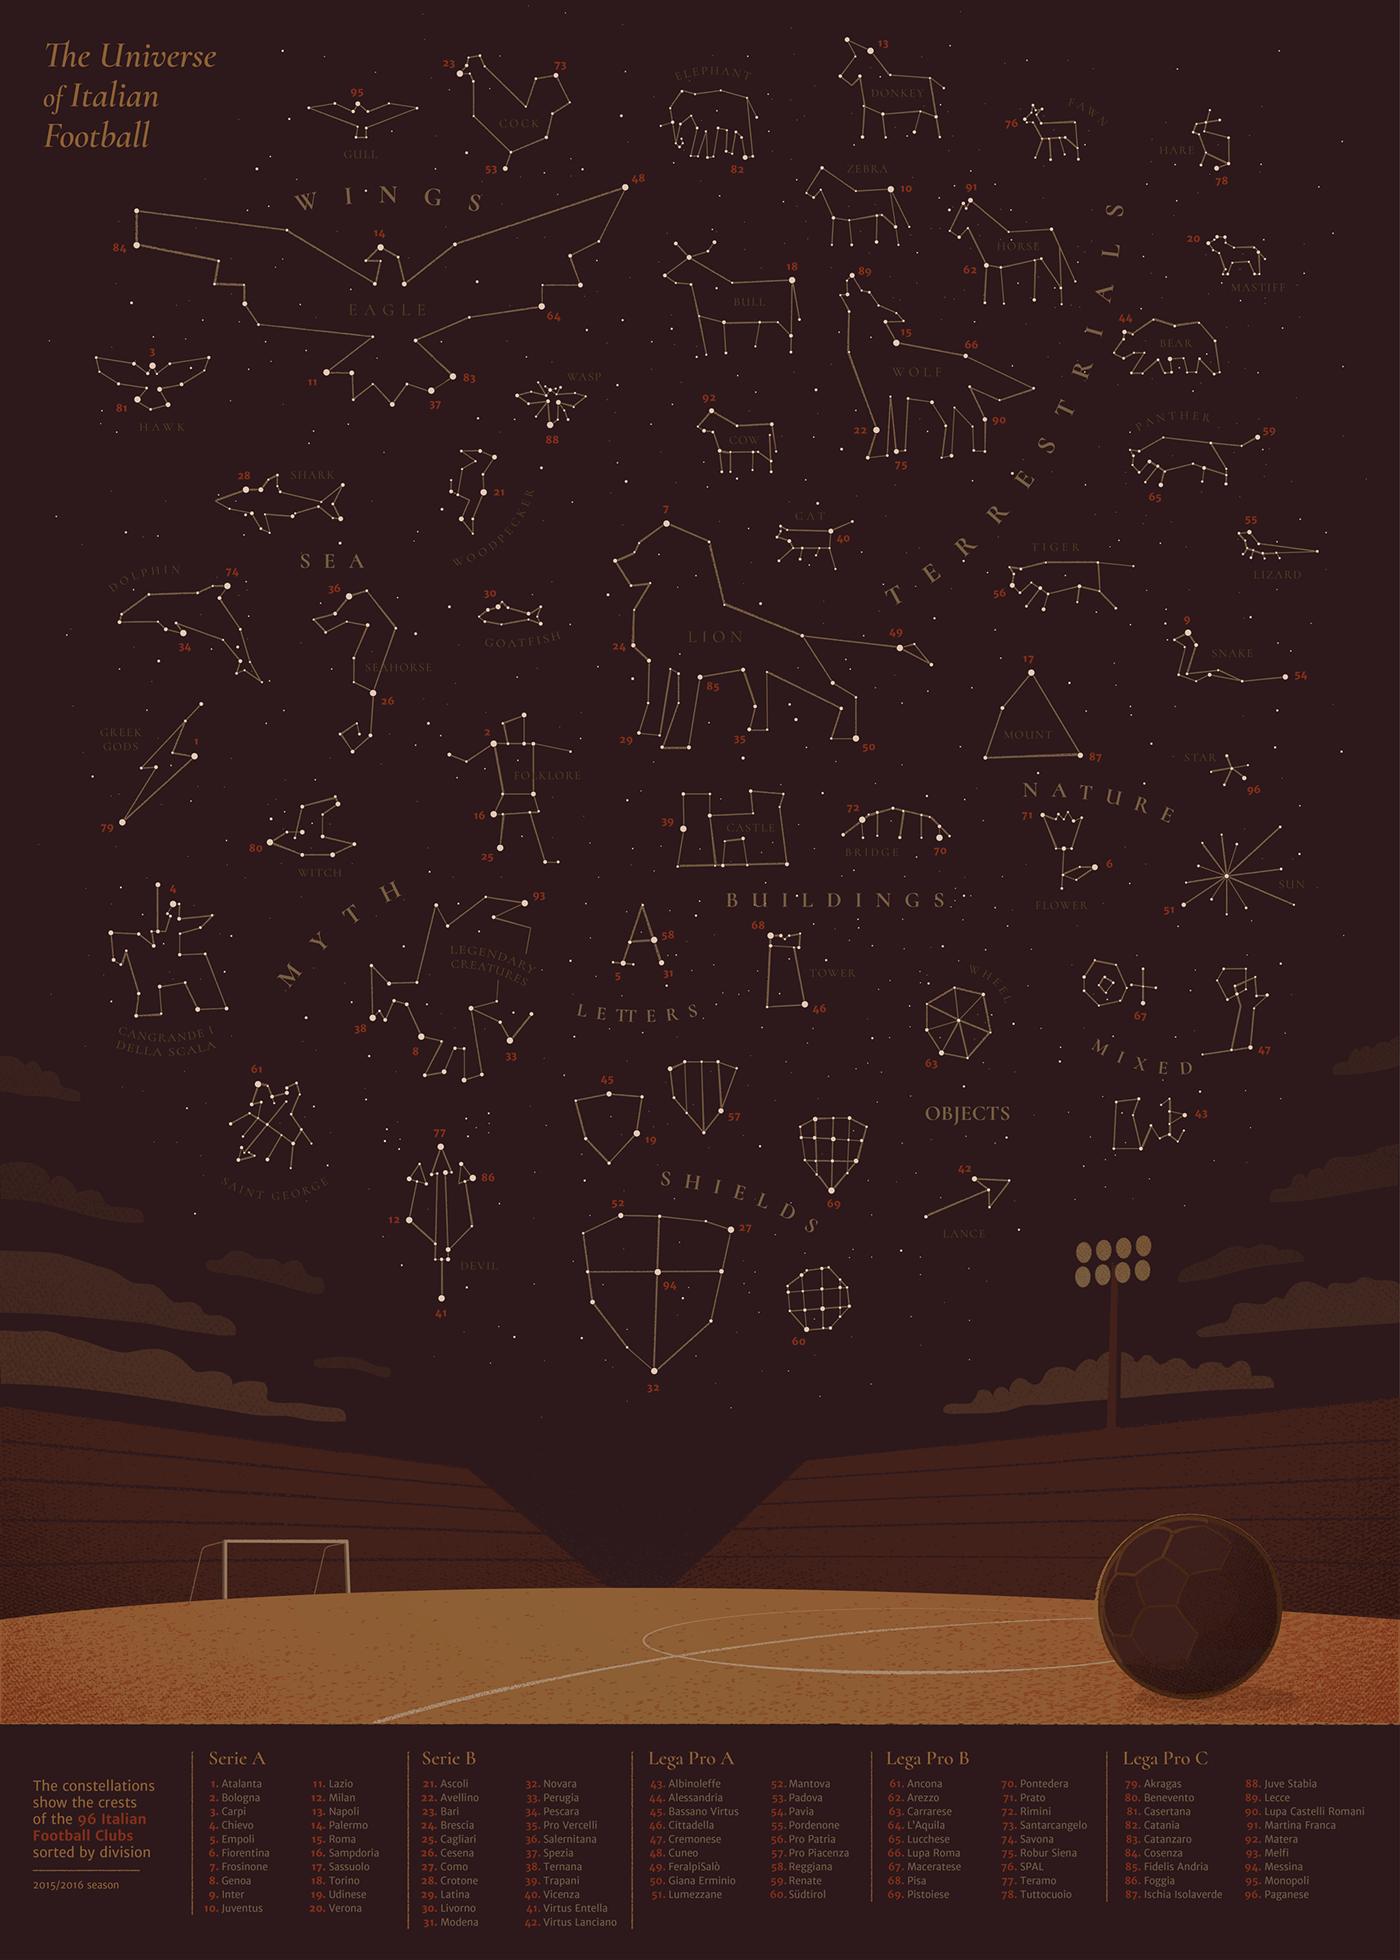 イタリアのサッカーチームのシンボルを星座で表現